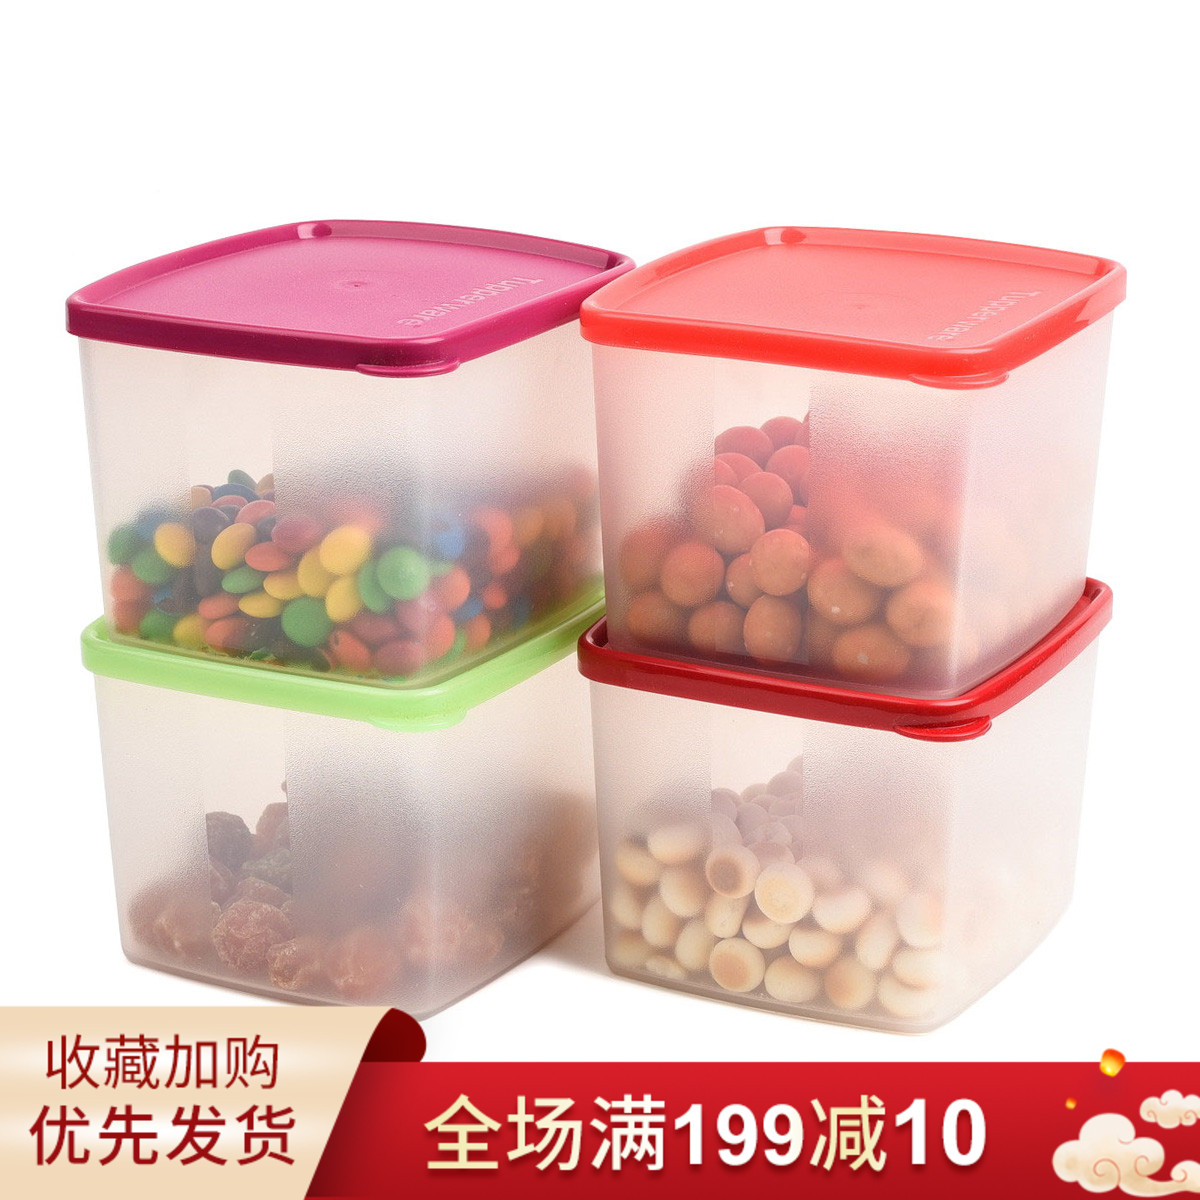 特百惠800ML正品果菜密封保鲜盒冷藏防潮零食盒璀璨方形秋色